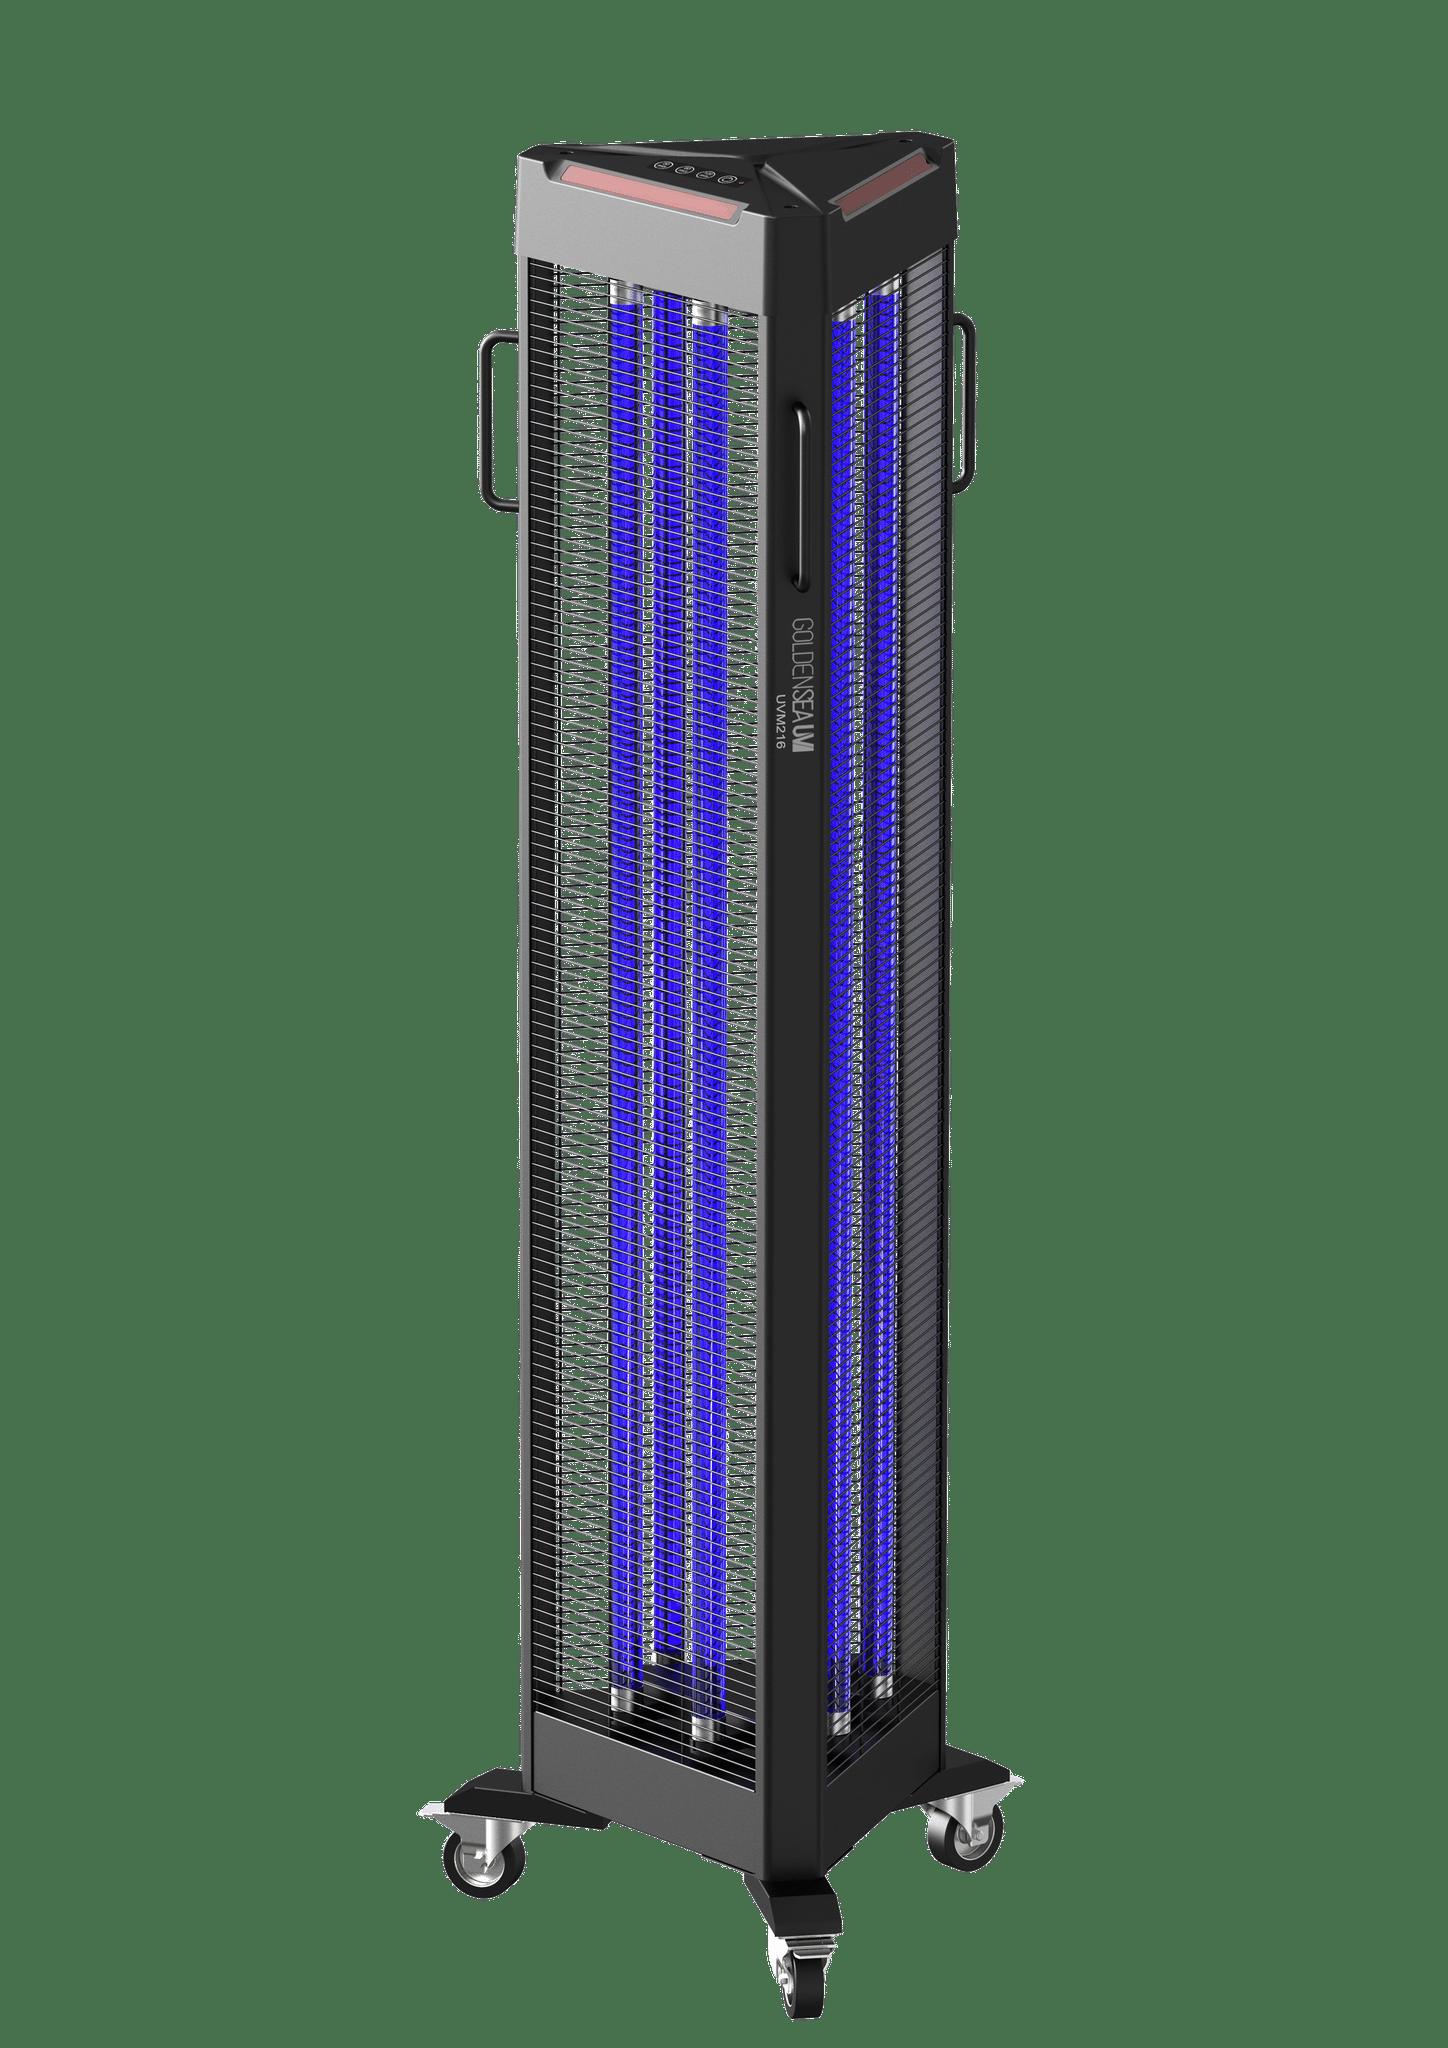 UVM216_Stars Europe Healthcare_Covid19_UVC_UV-C_Loiret_Cher_Yonne_Nièvre_Loir et Cher_Désinfection_Philips_Osram_Lampe UVC_Tube UVC_Ultraviolet_Anti covid19_Antivirus_Antibactérien_Antifongique_Healthcare_Crise sanitaire_Désinfection air_Désinfection objets_Désinfection surfaces